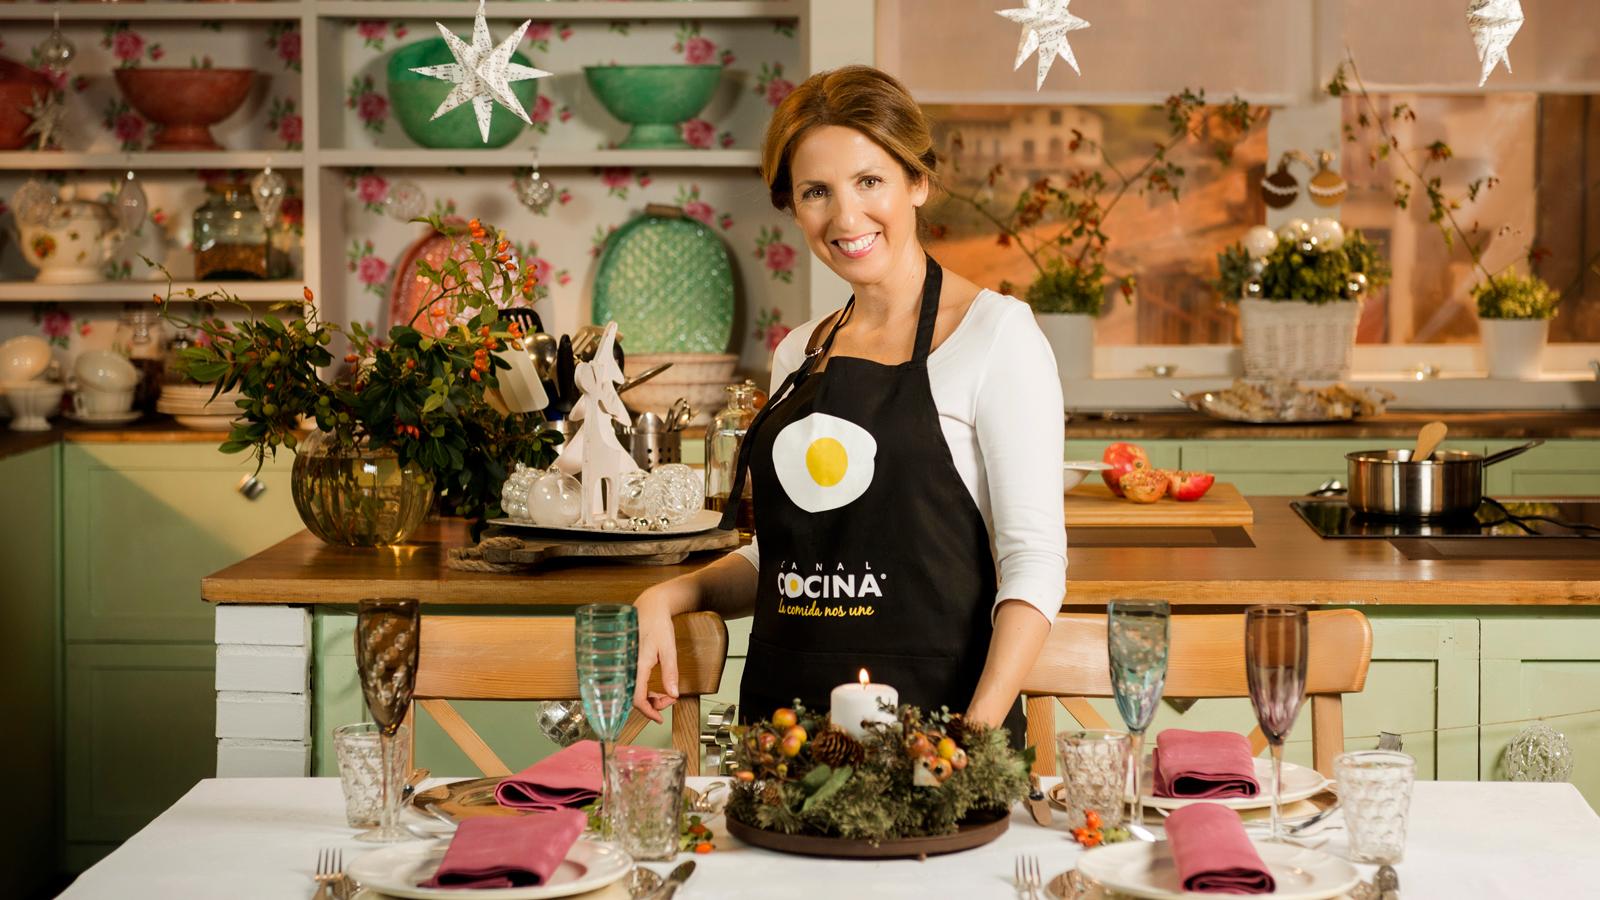 Cocina de familia t6 programas canal cocina for Canal cocina cocina de familia